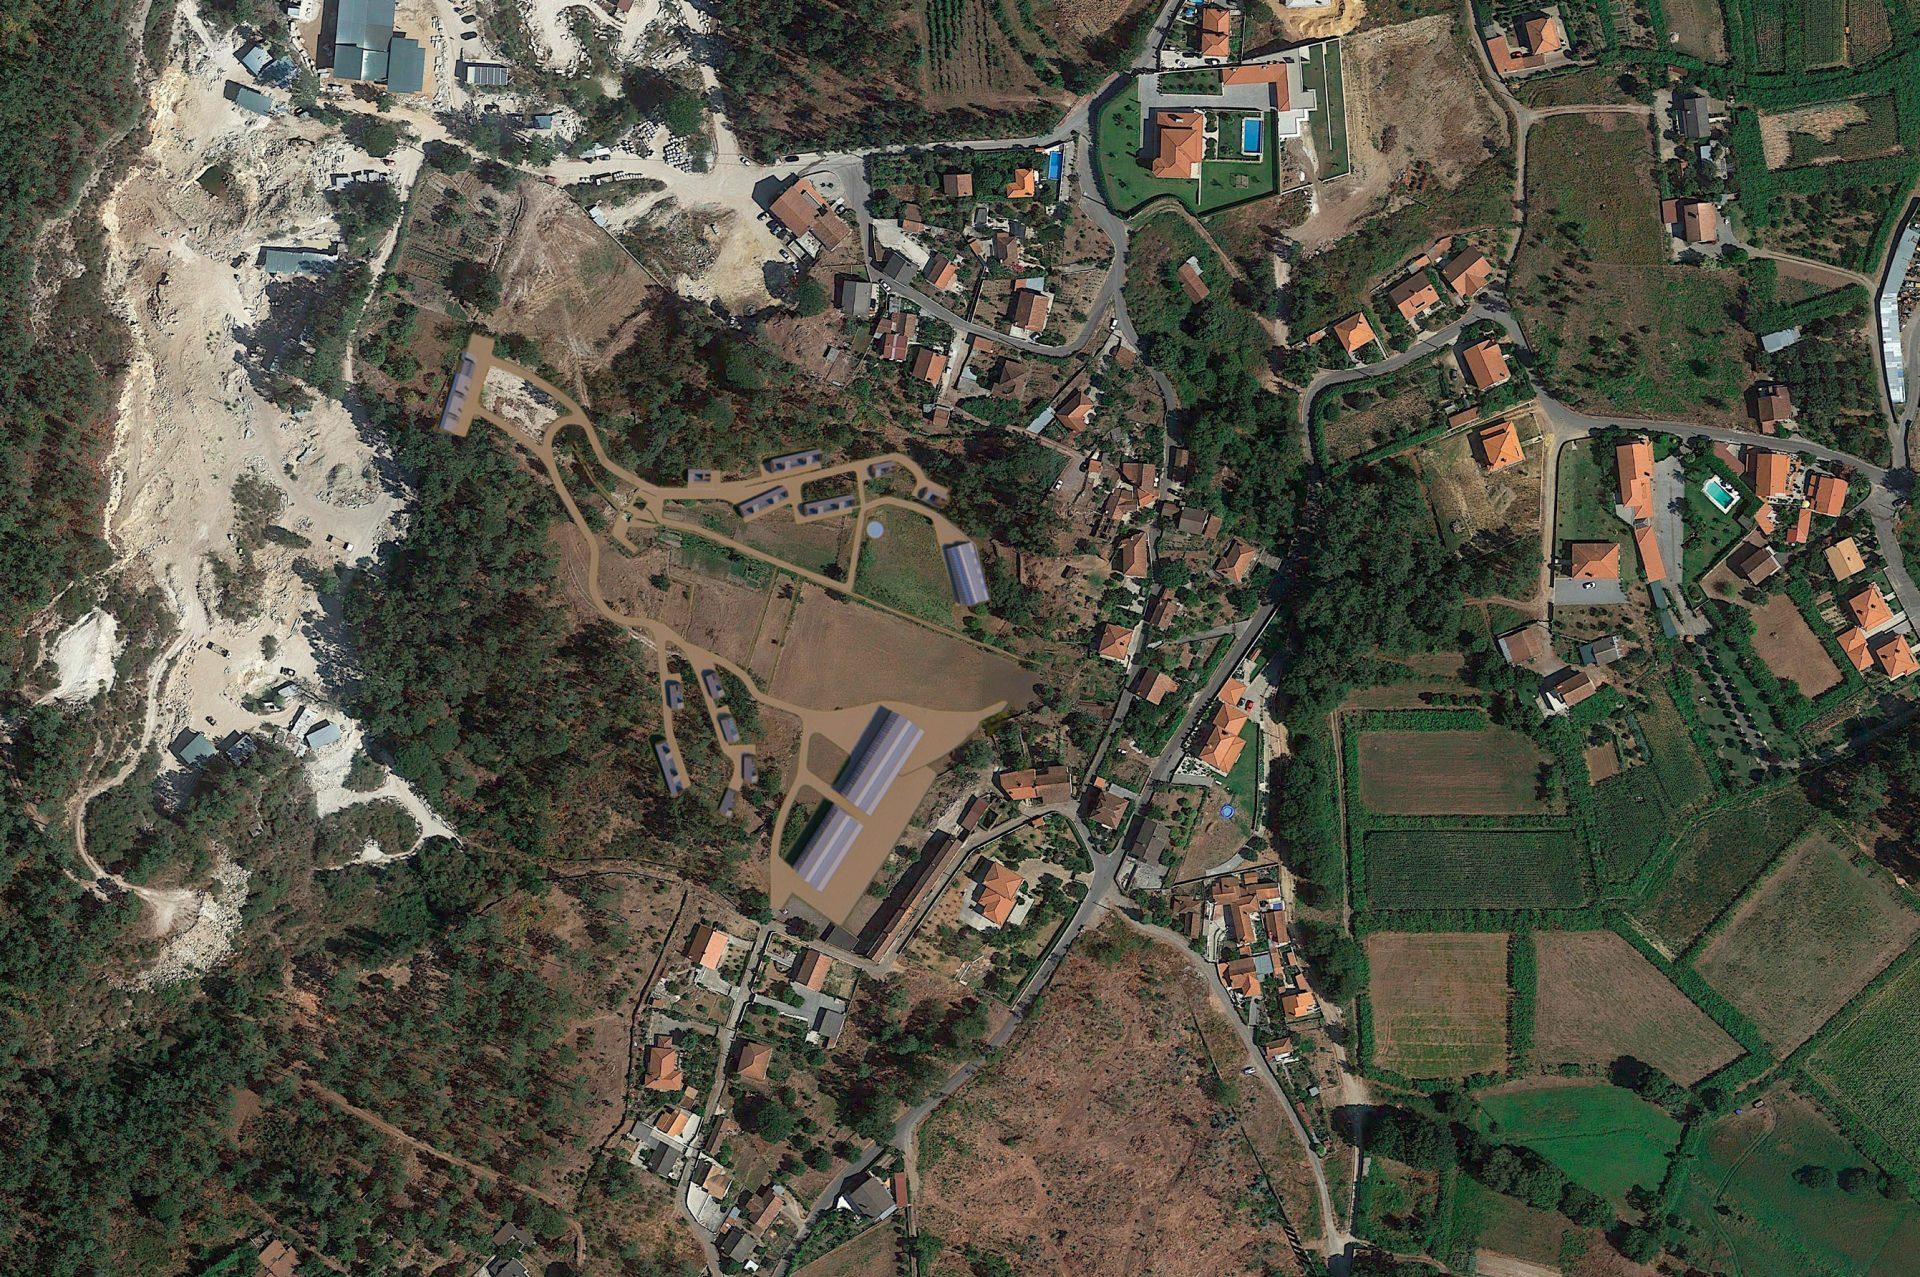 Imagem-aerea-com-proposta